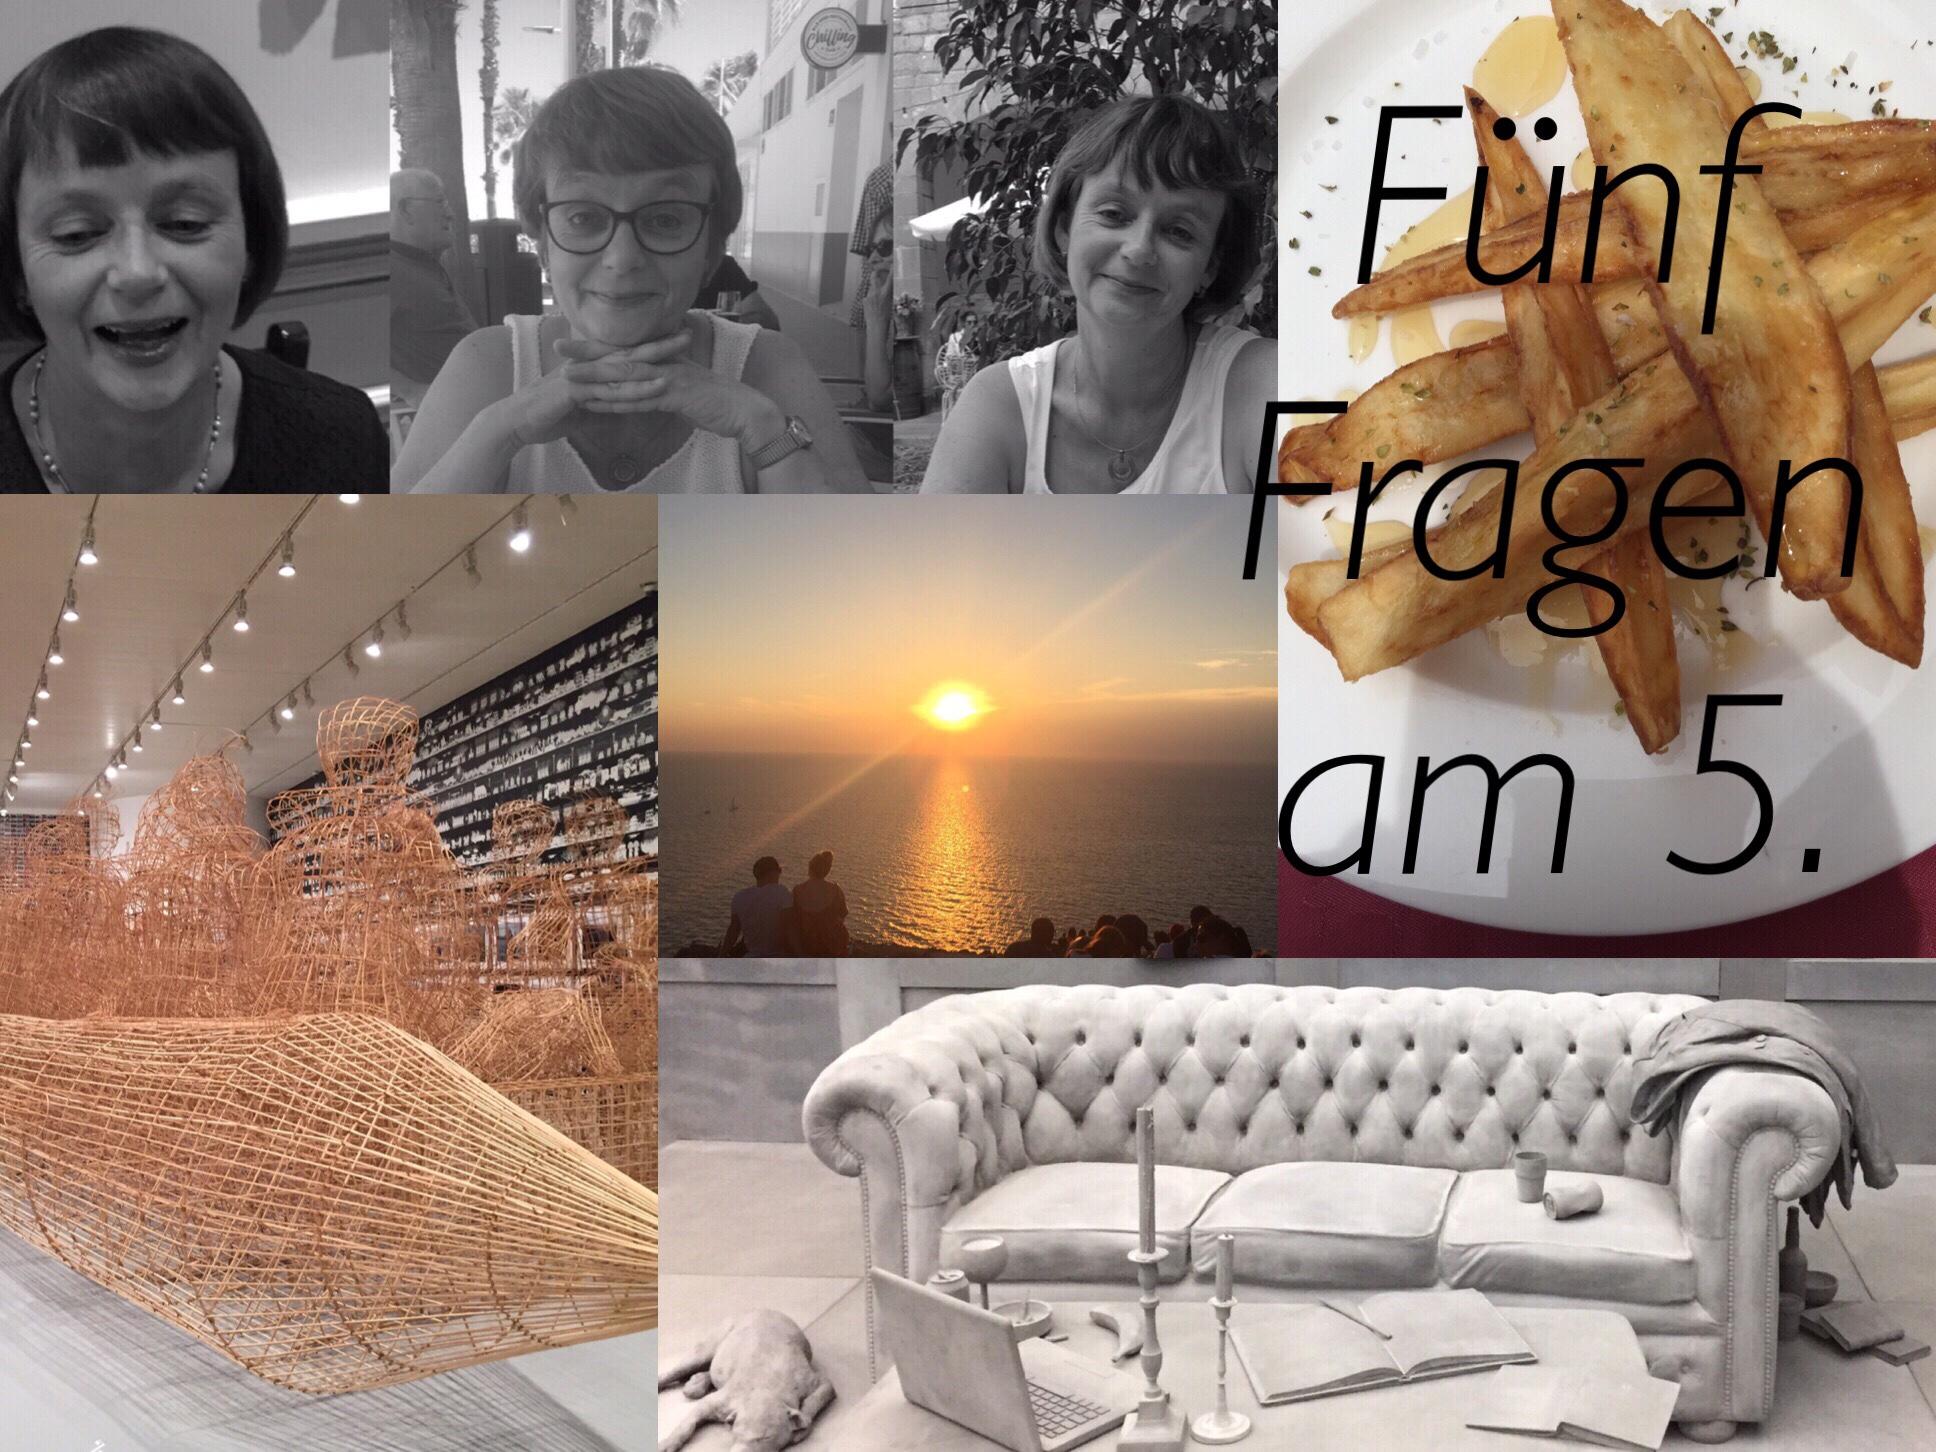 Fünf Fragen am 5. – oder – Vom Essen in Restaurants, Trash-TV, Haarigem, Team Sunset und Kunst zum Nachdenken